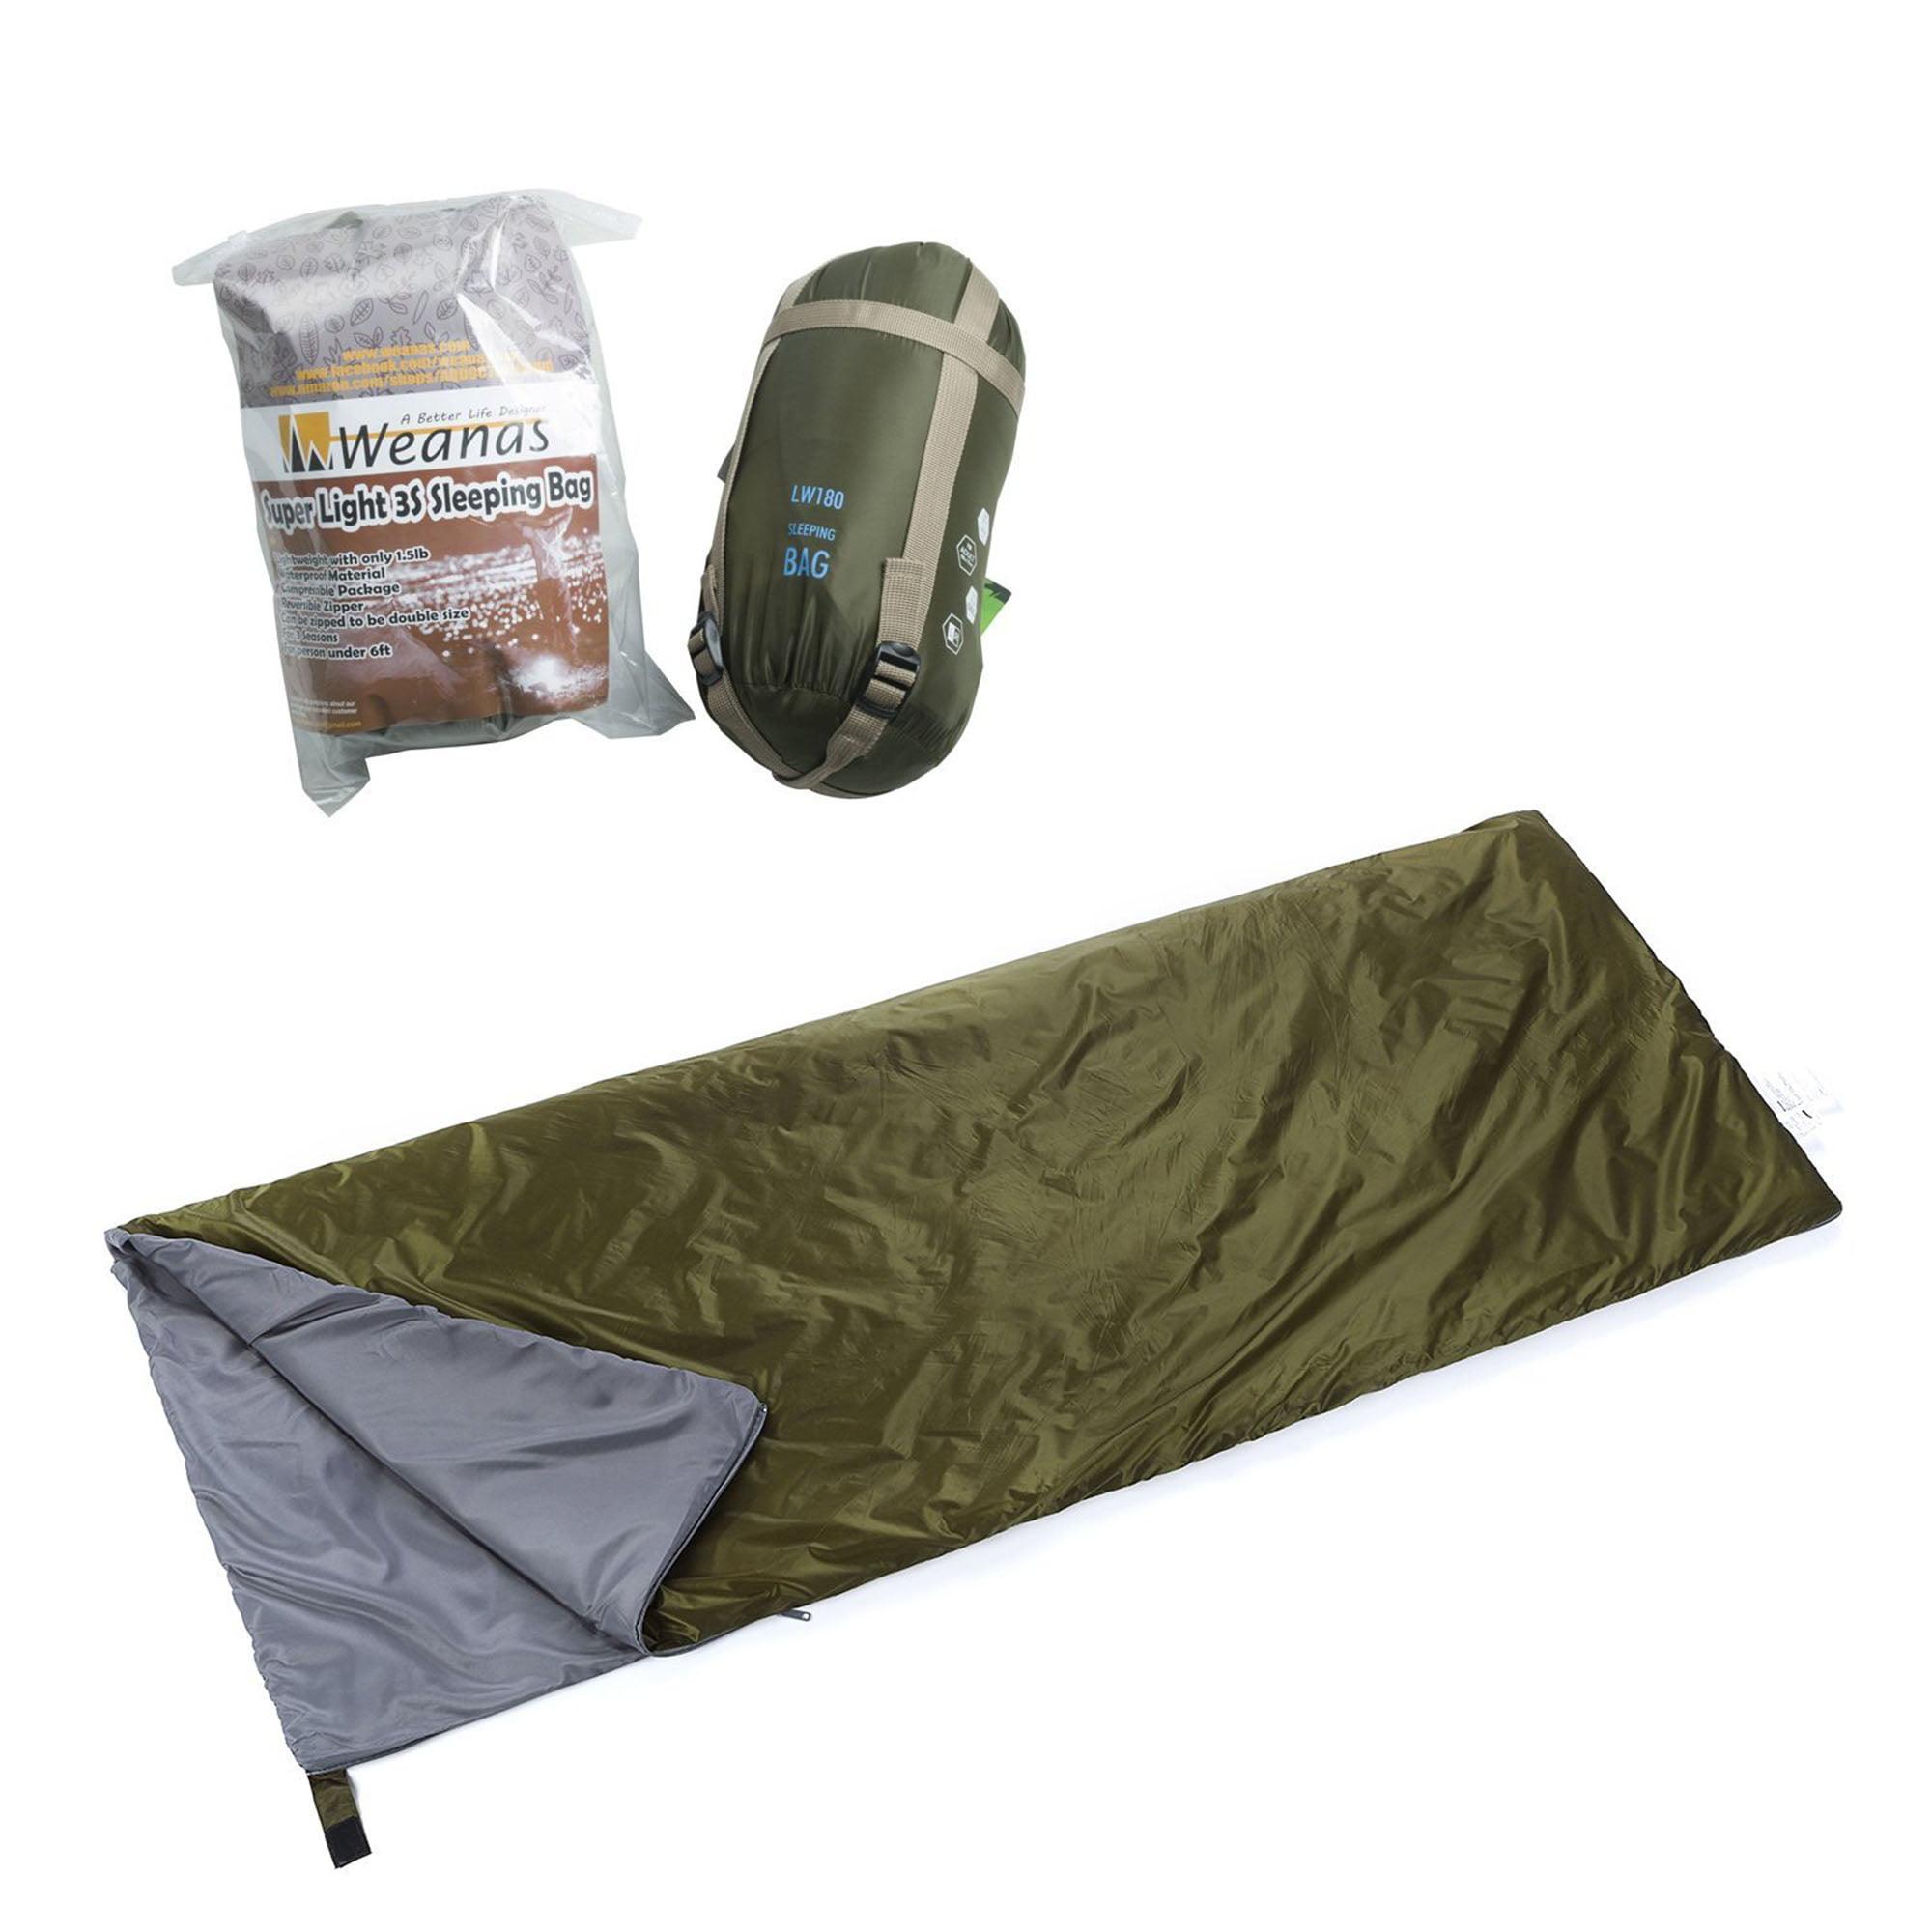 WEANAS Compact Camping Envelope Sleeping Bag Comfortable Durable Waterproof for Summer School Hiking Backpacking Travel... by Weanas